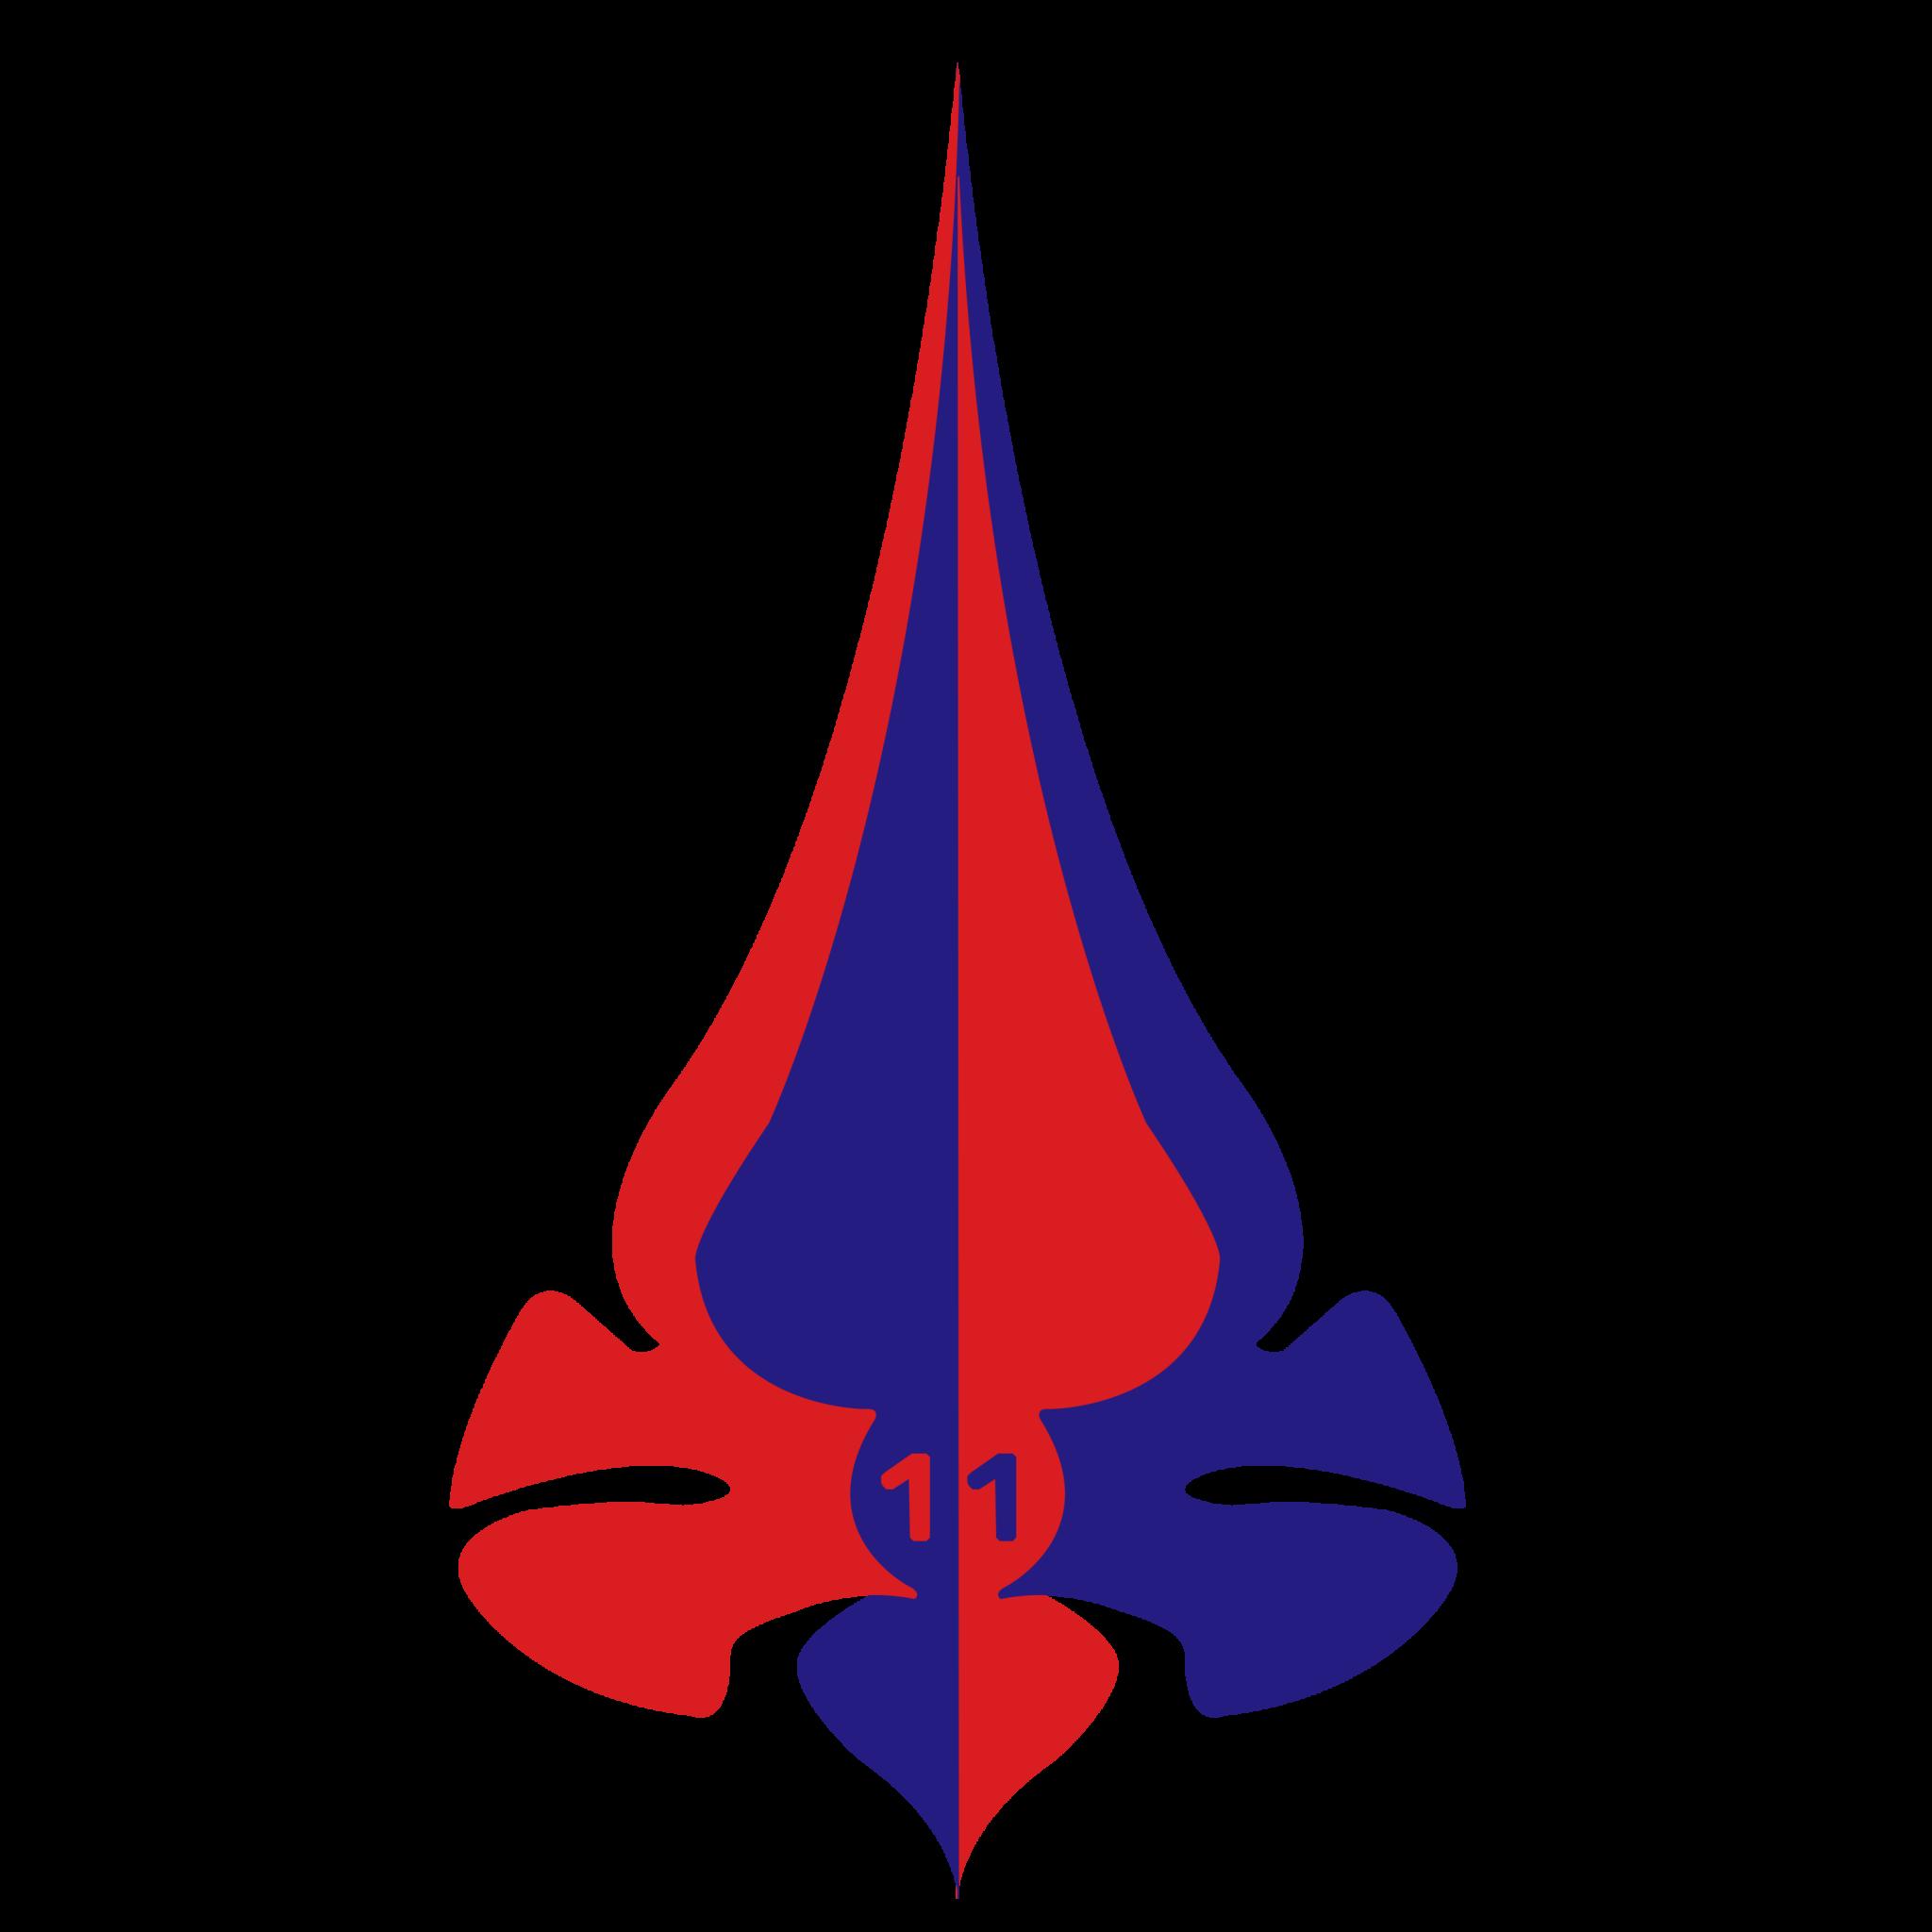 Unité XI° Prince de Liège